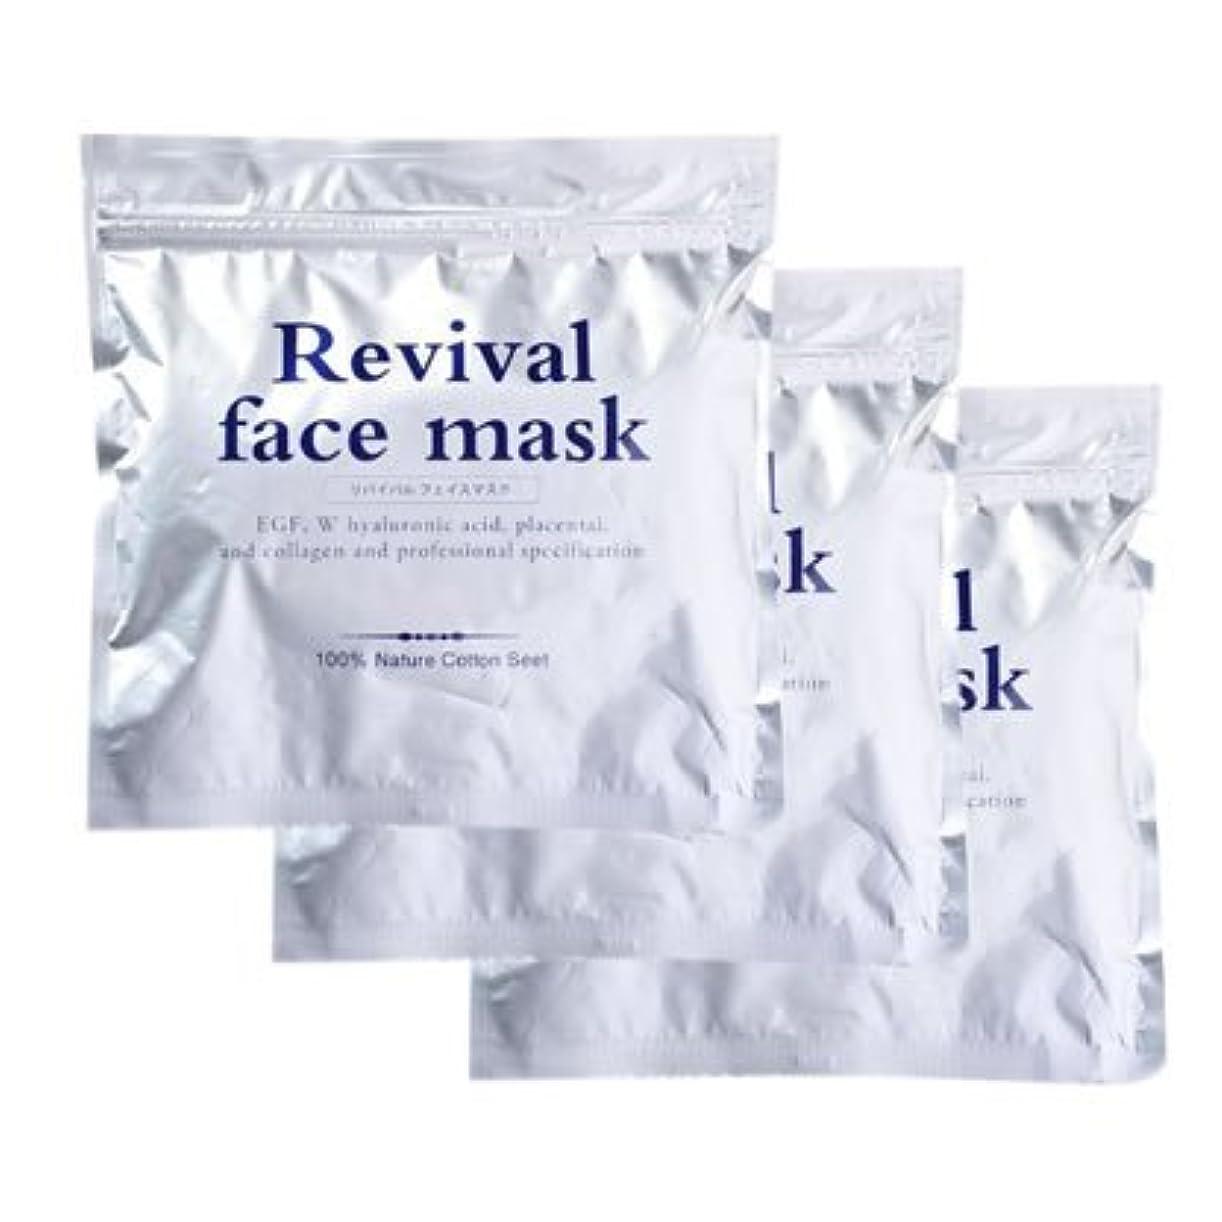 忘れる肌ブルームリバイバルフェイスマスク 90枚セット(30枚×3袋)